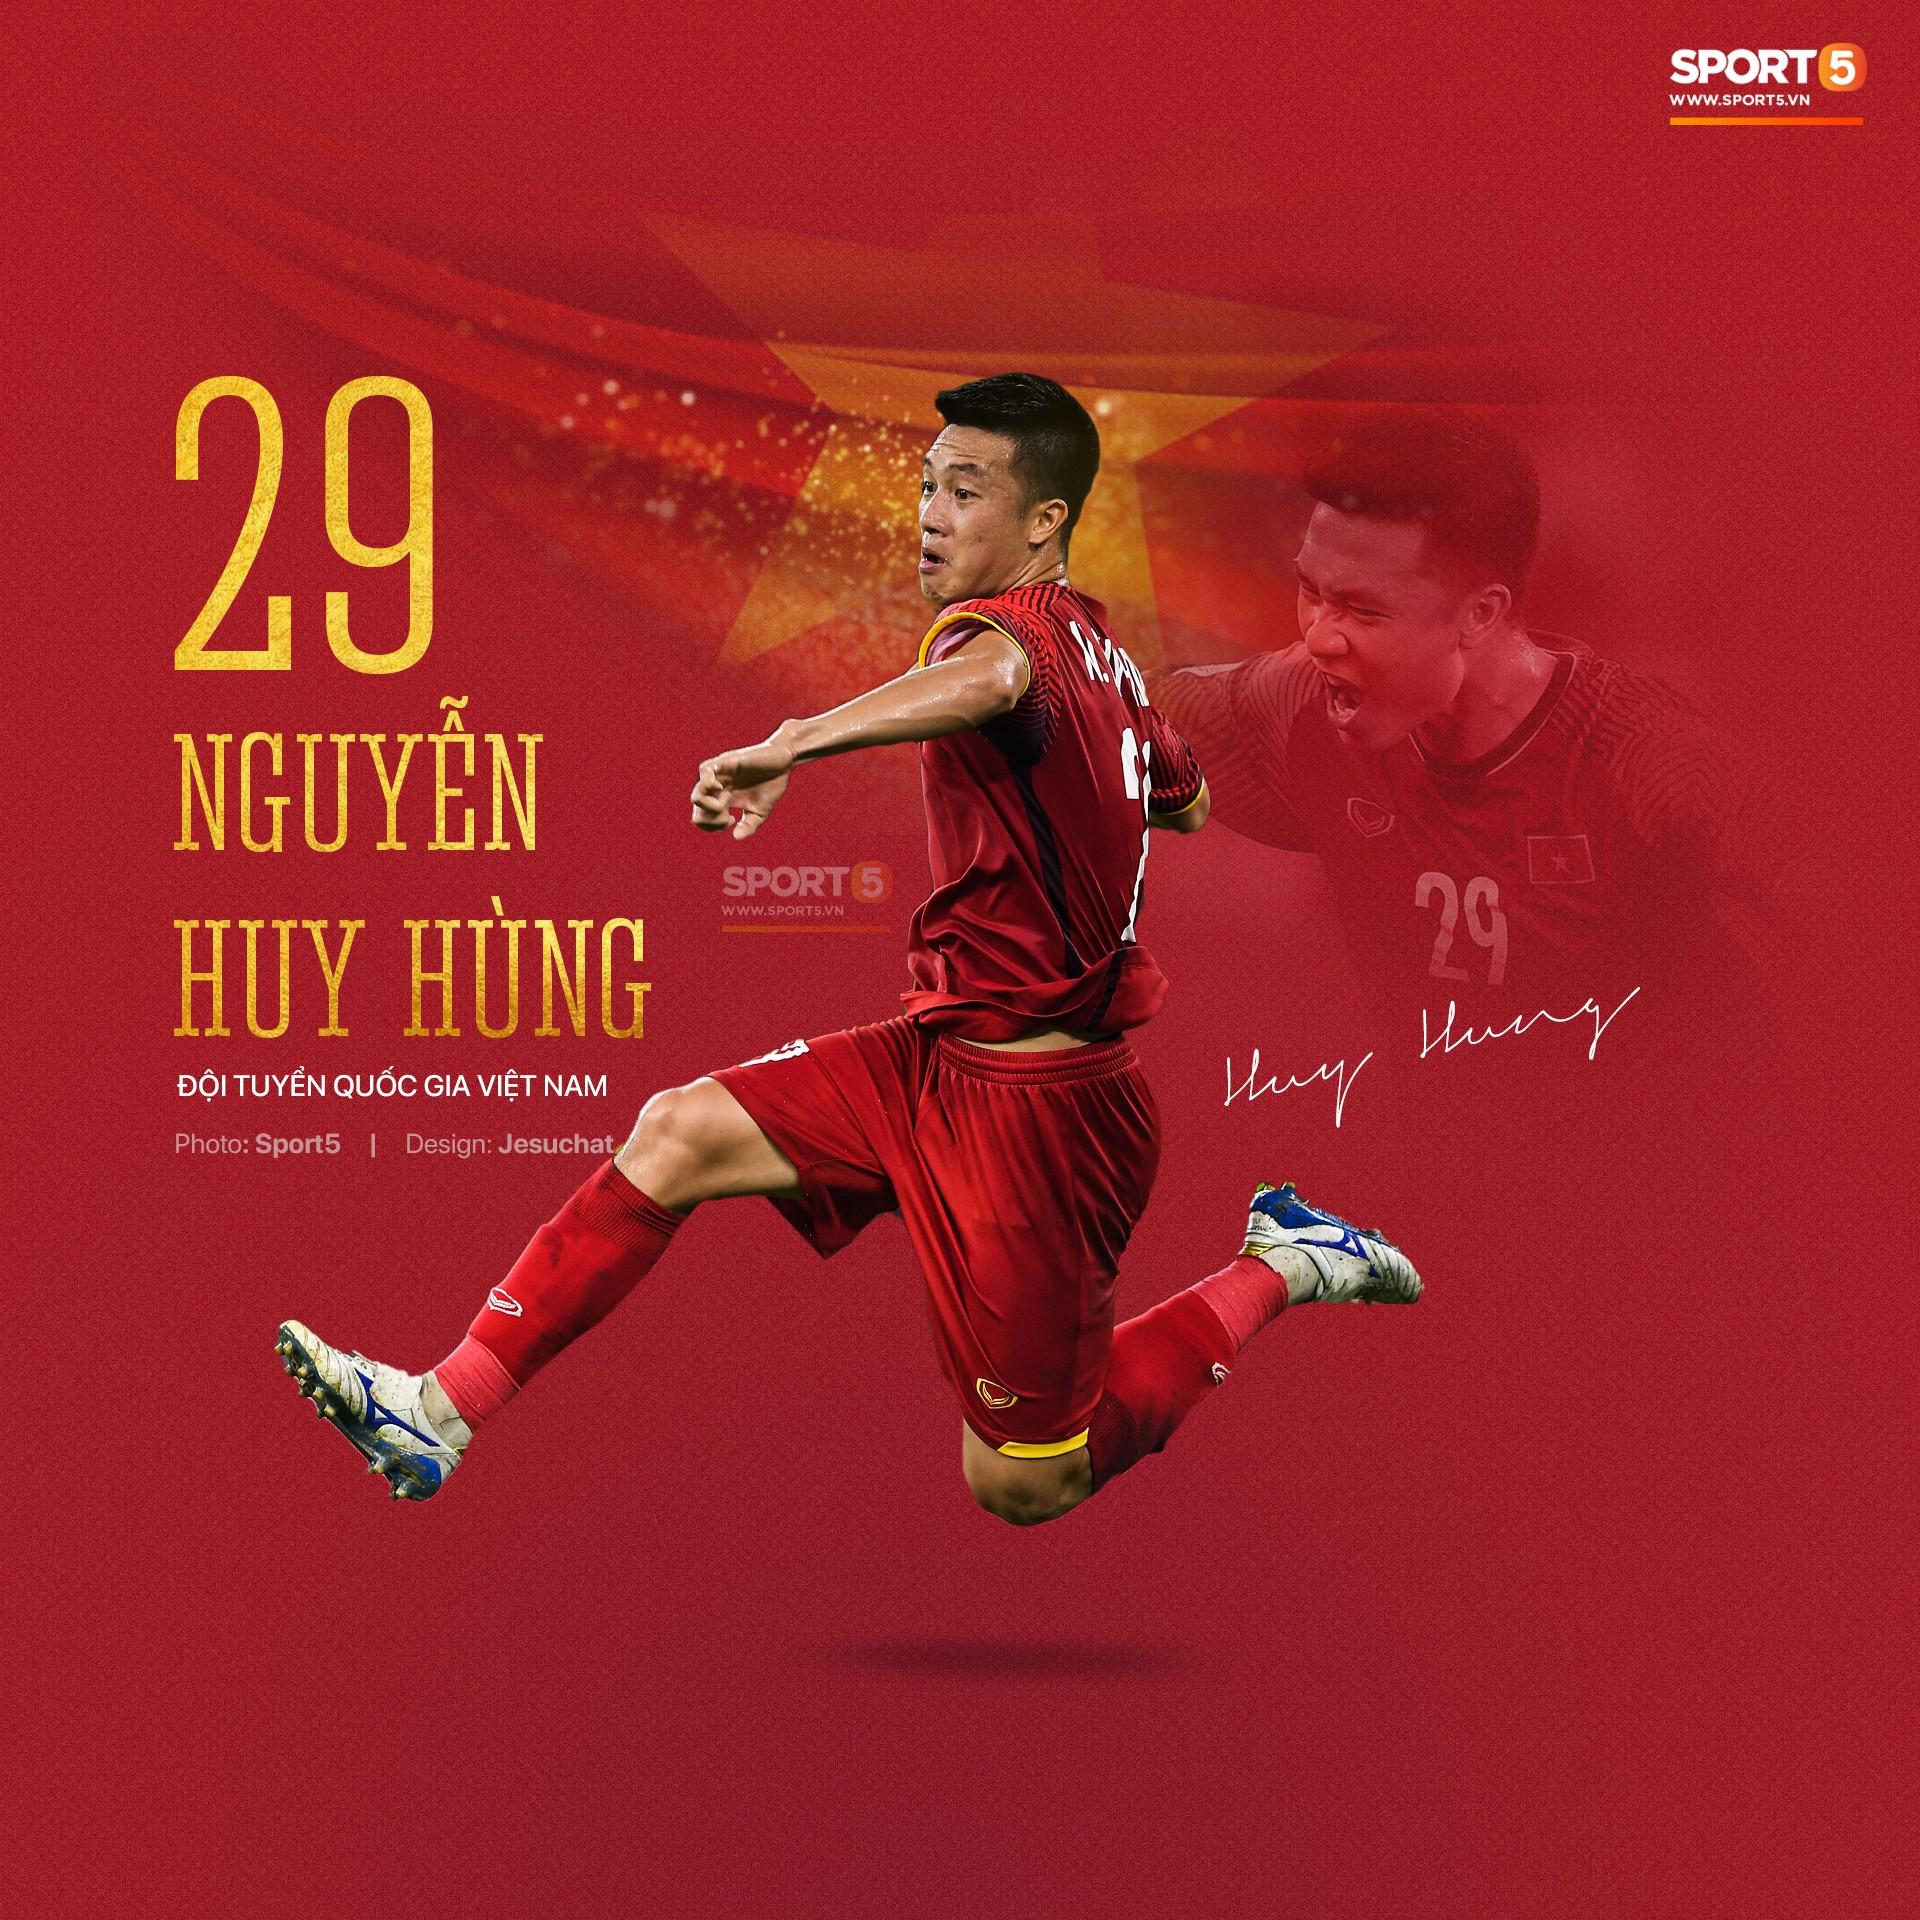 Info long lanh của 23 nhà vô địch AFF Cup 2018, những người hùng dân tộc-13